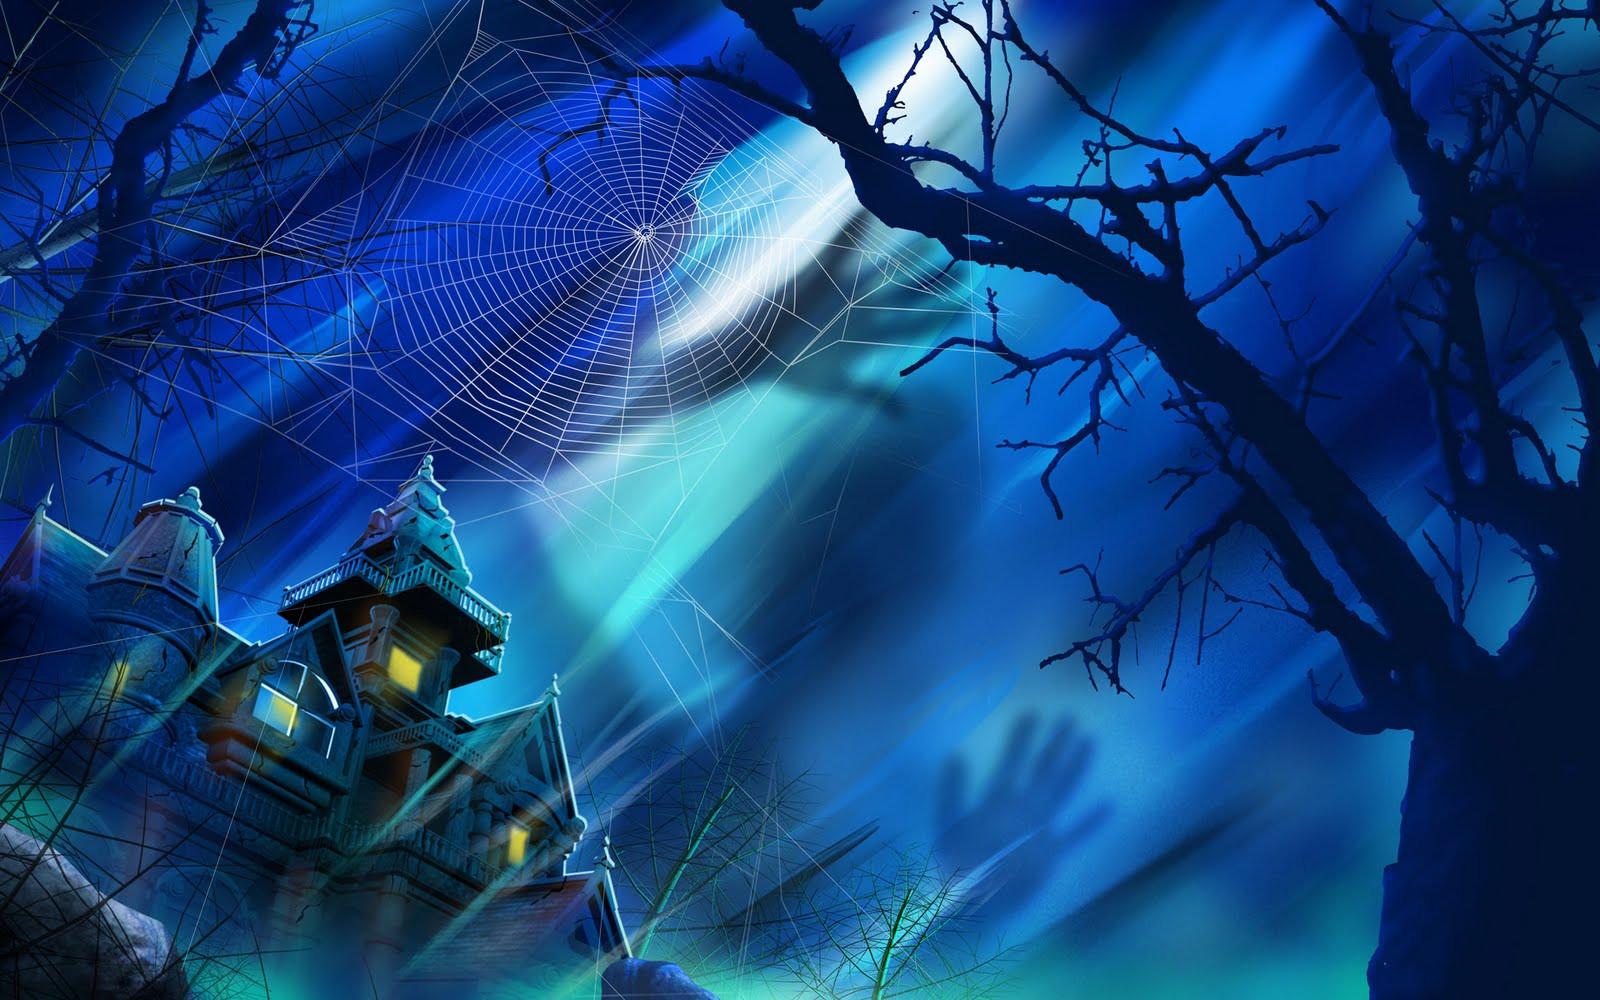 Halloween 3D Wallpaper  mashababko 3d Halloween Wallpaper